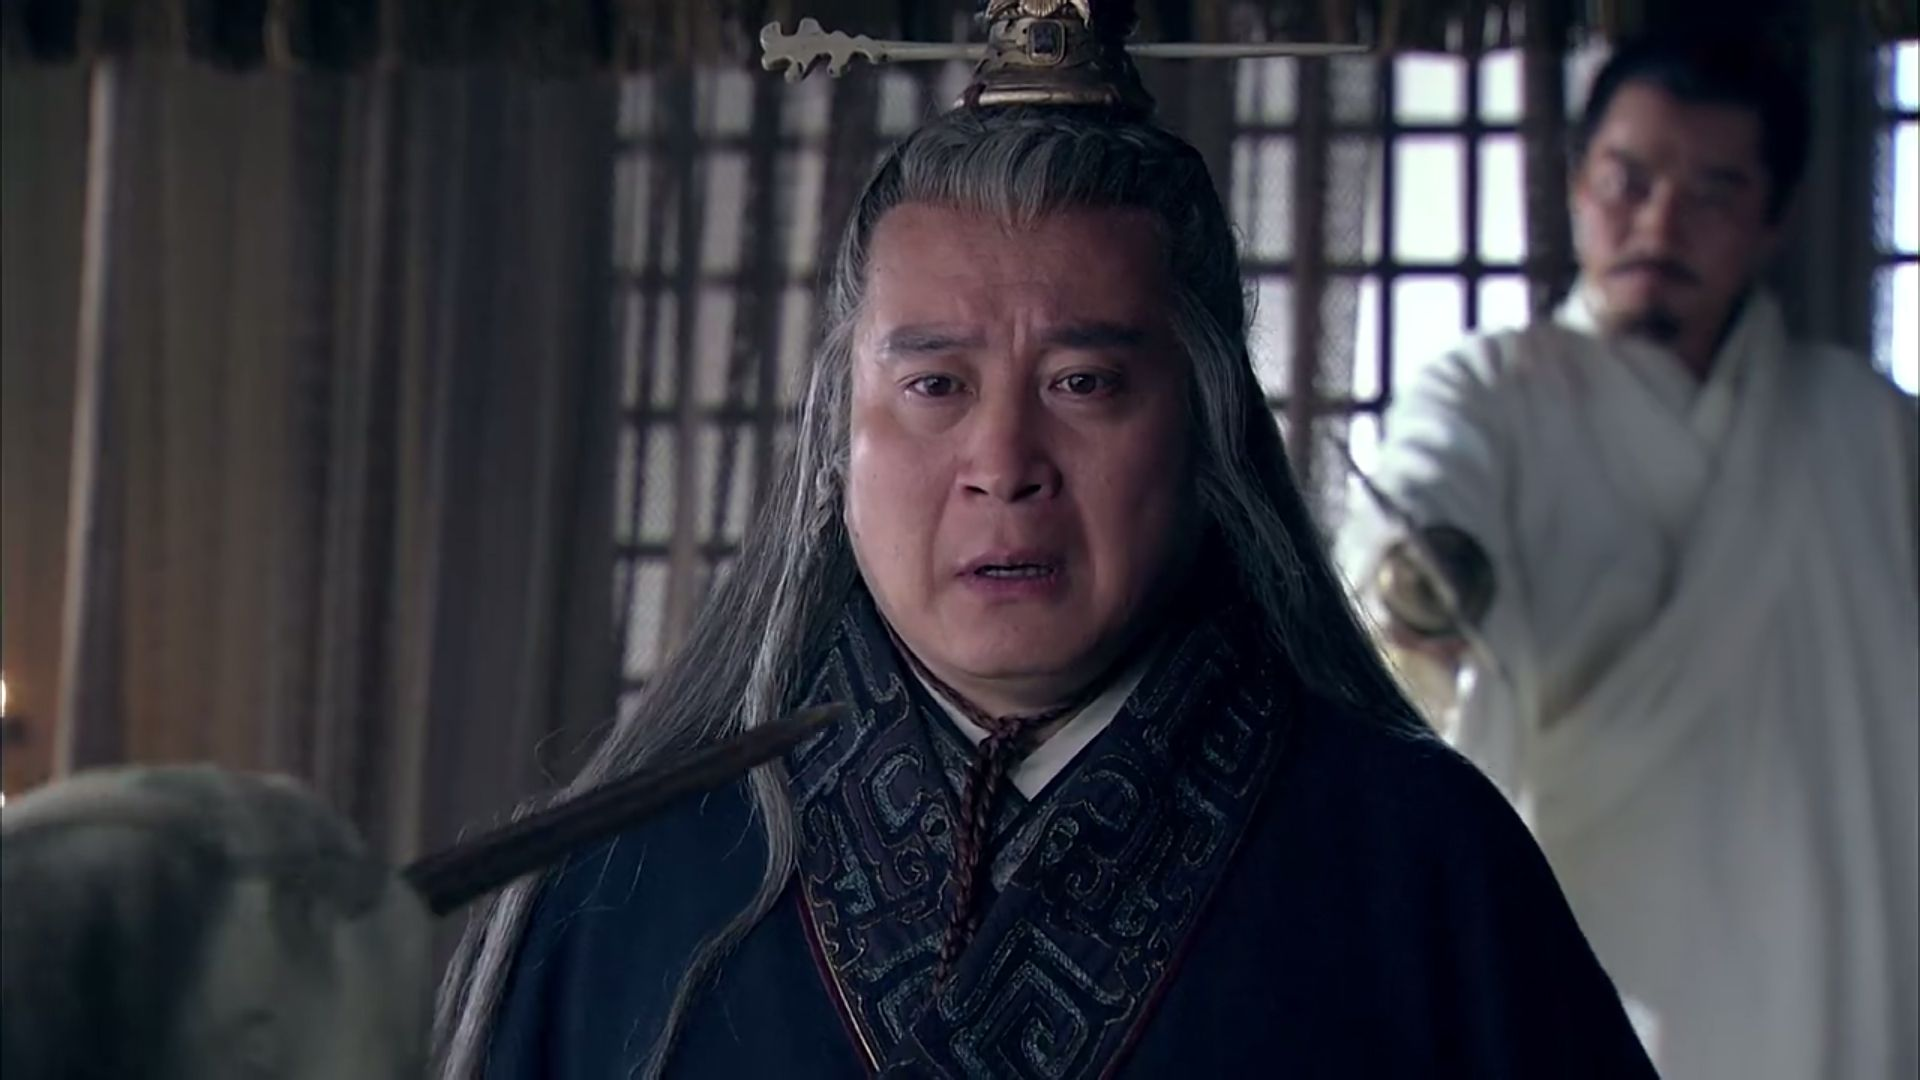 如果说秦王子婴杀不死赵高,那么请告诉我,赵高是怎么死的?是老死的吗?